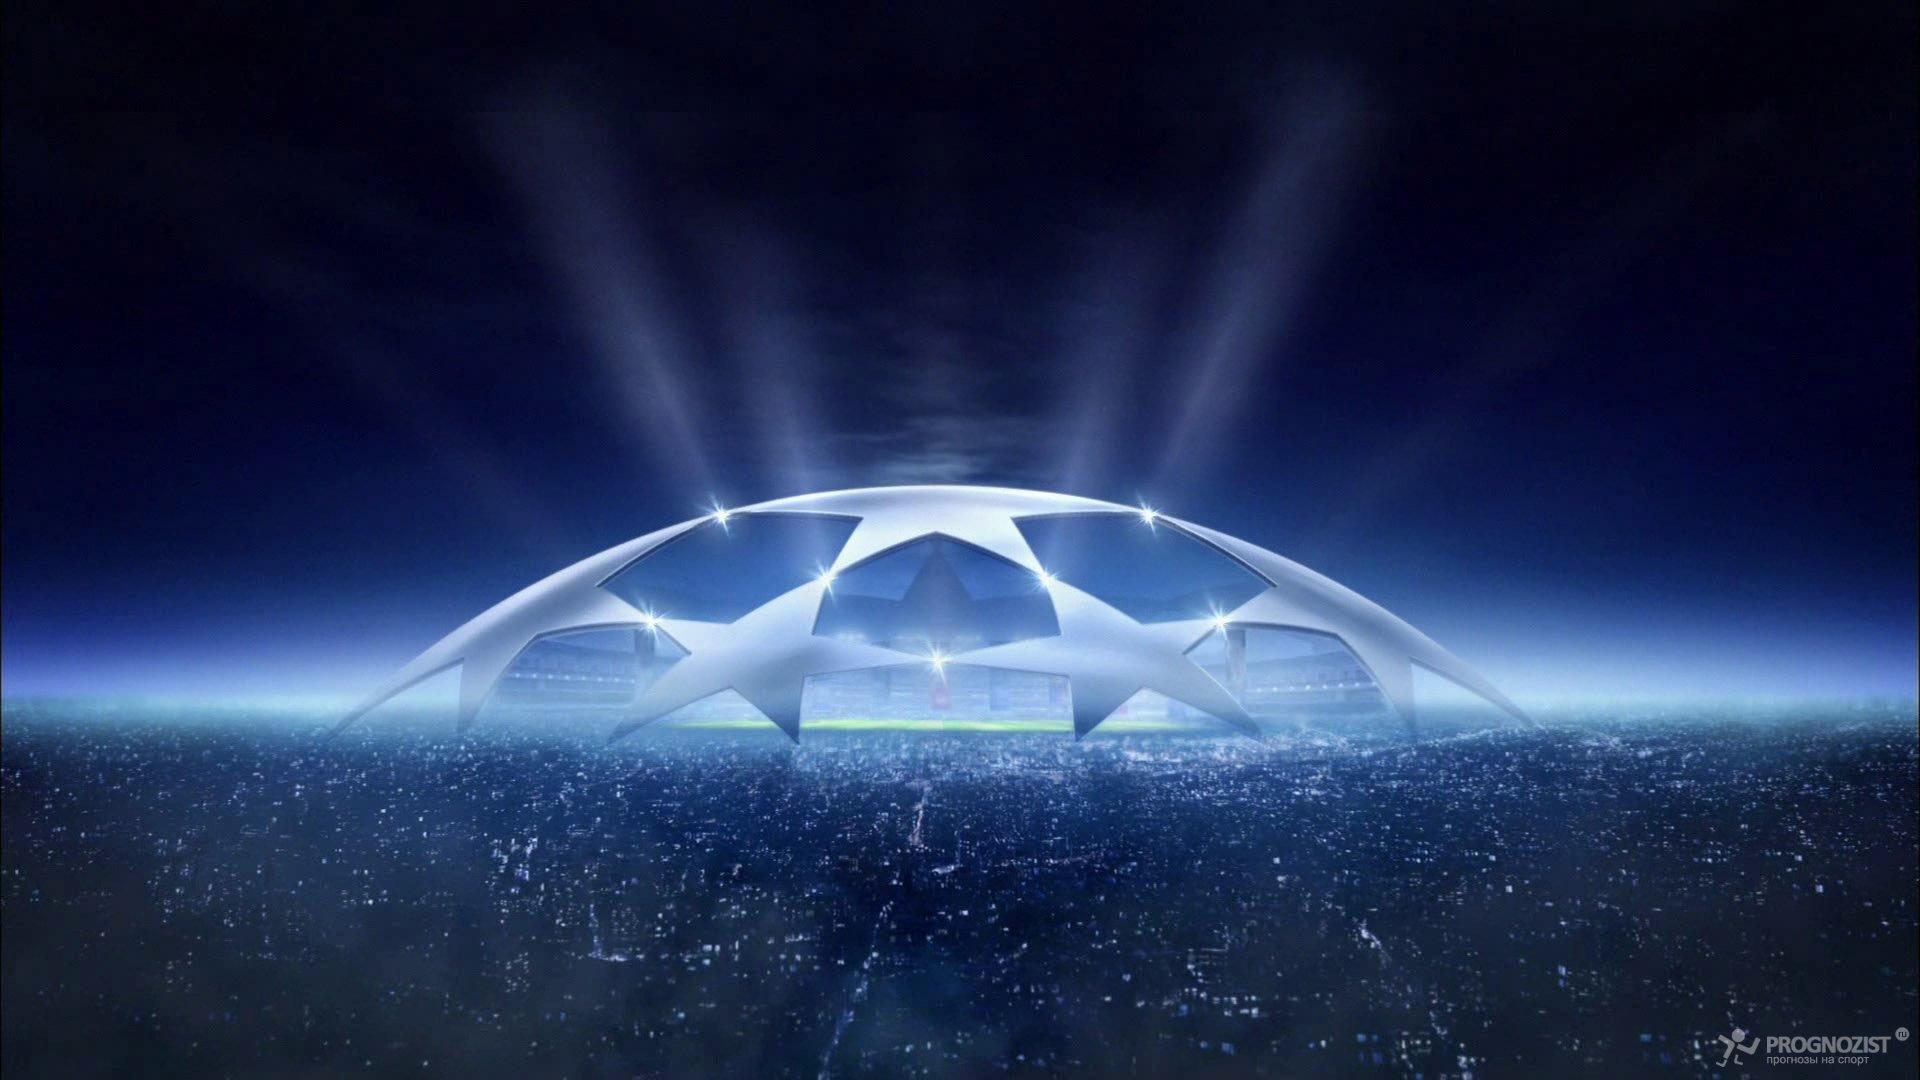 UEFAcom ist die offizielle Website der UEFA der Union der Europäischen Fußballverbände dem Dachverband des Fußballs in Europa Die UEFA fördert schützt und